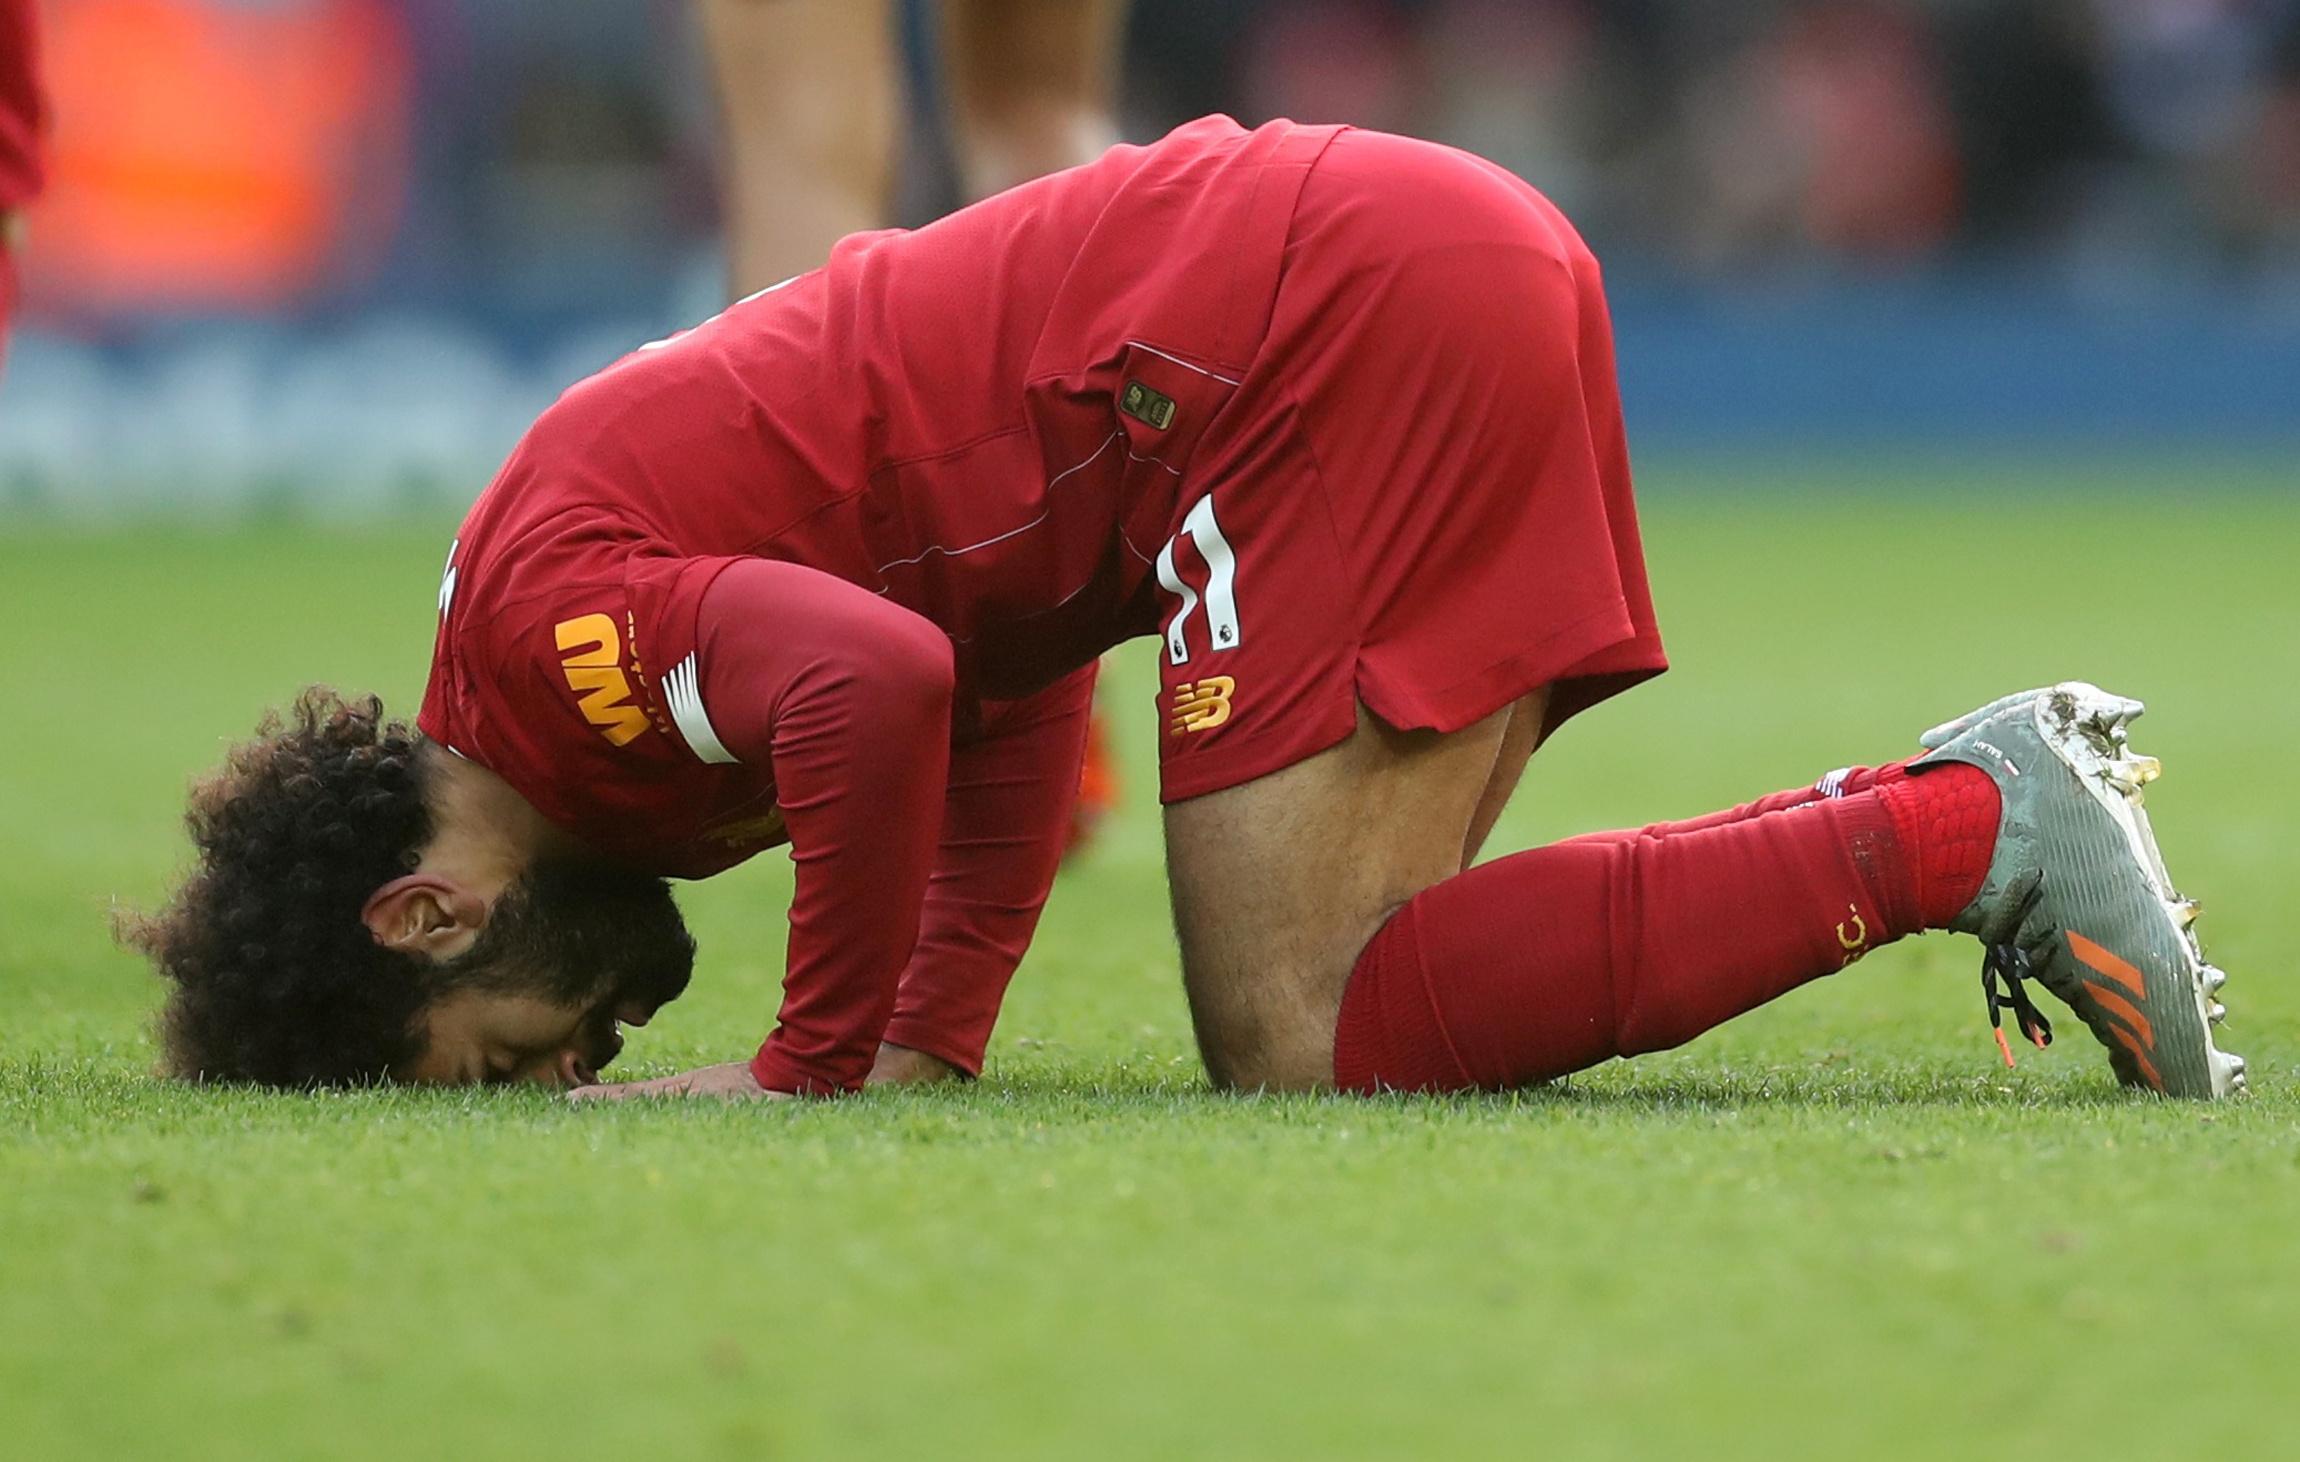 محمد صلاح يسجد شكراً لله في مباراة ليفربول